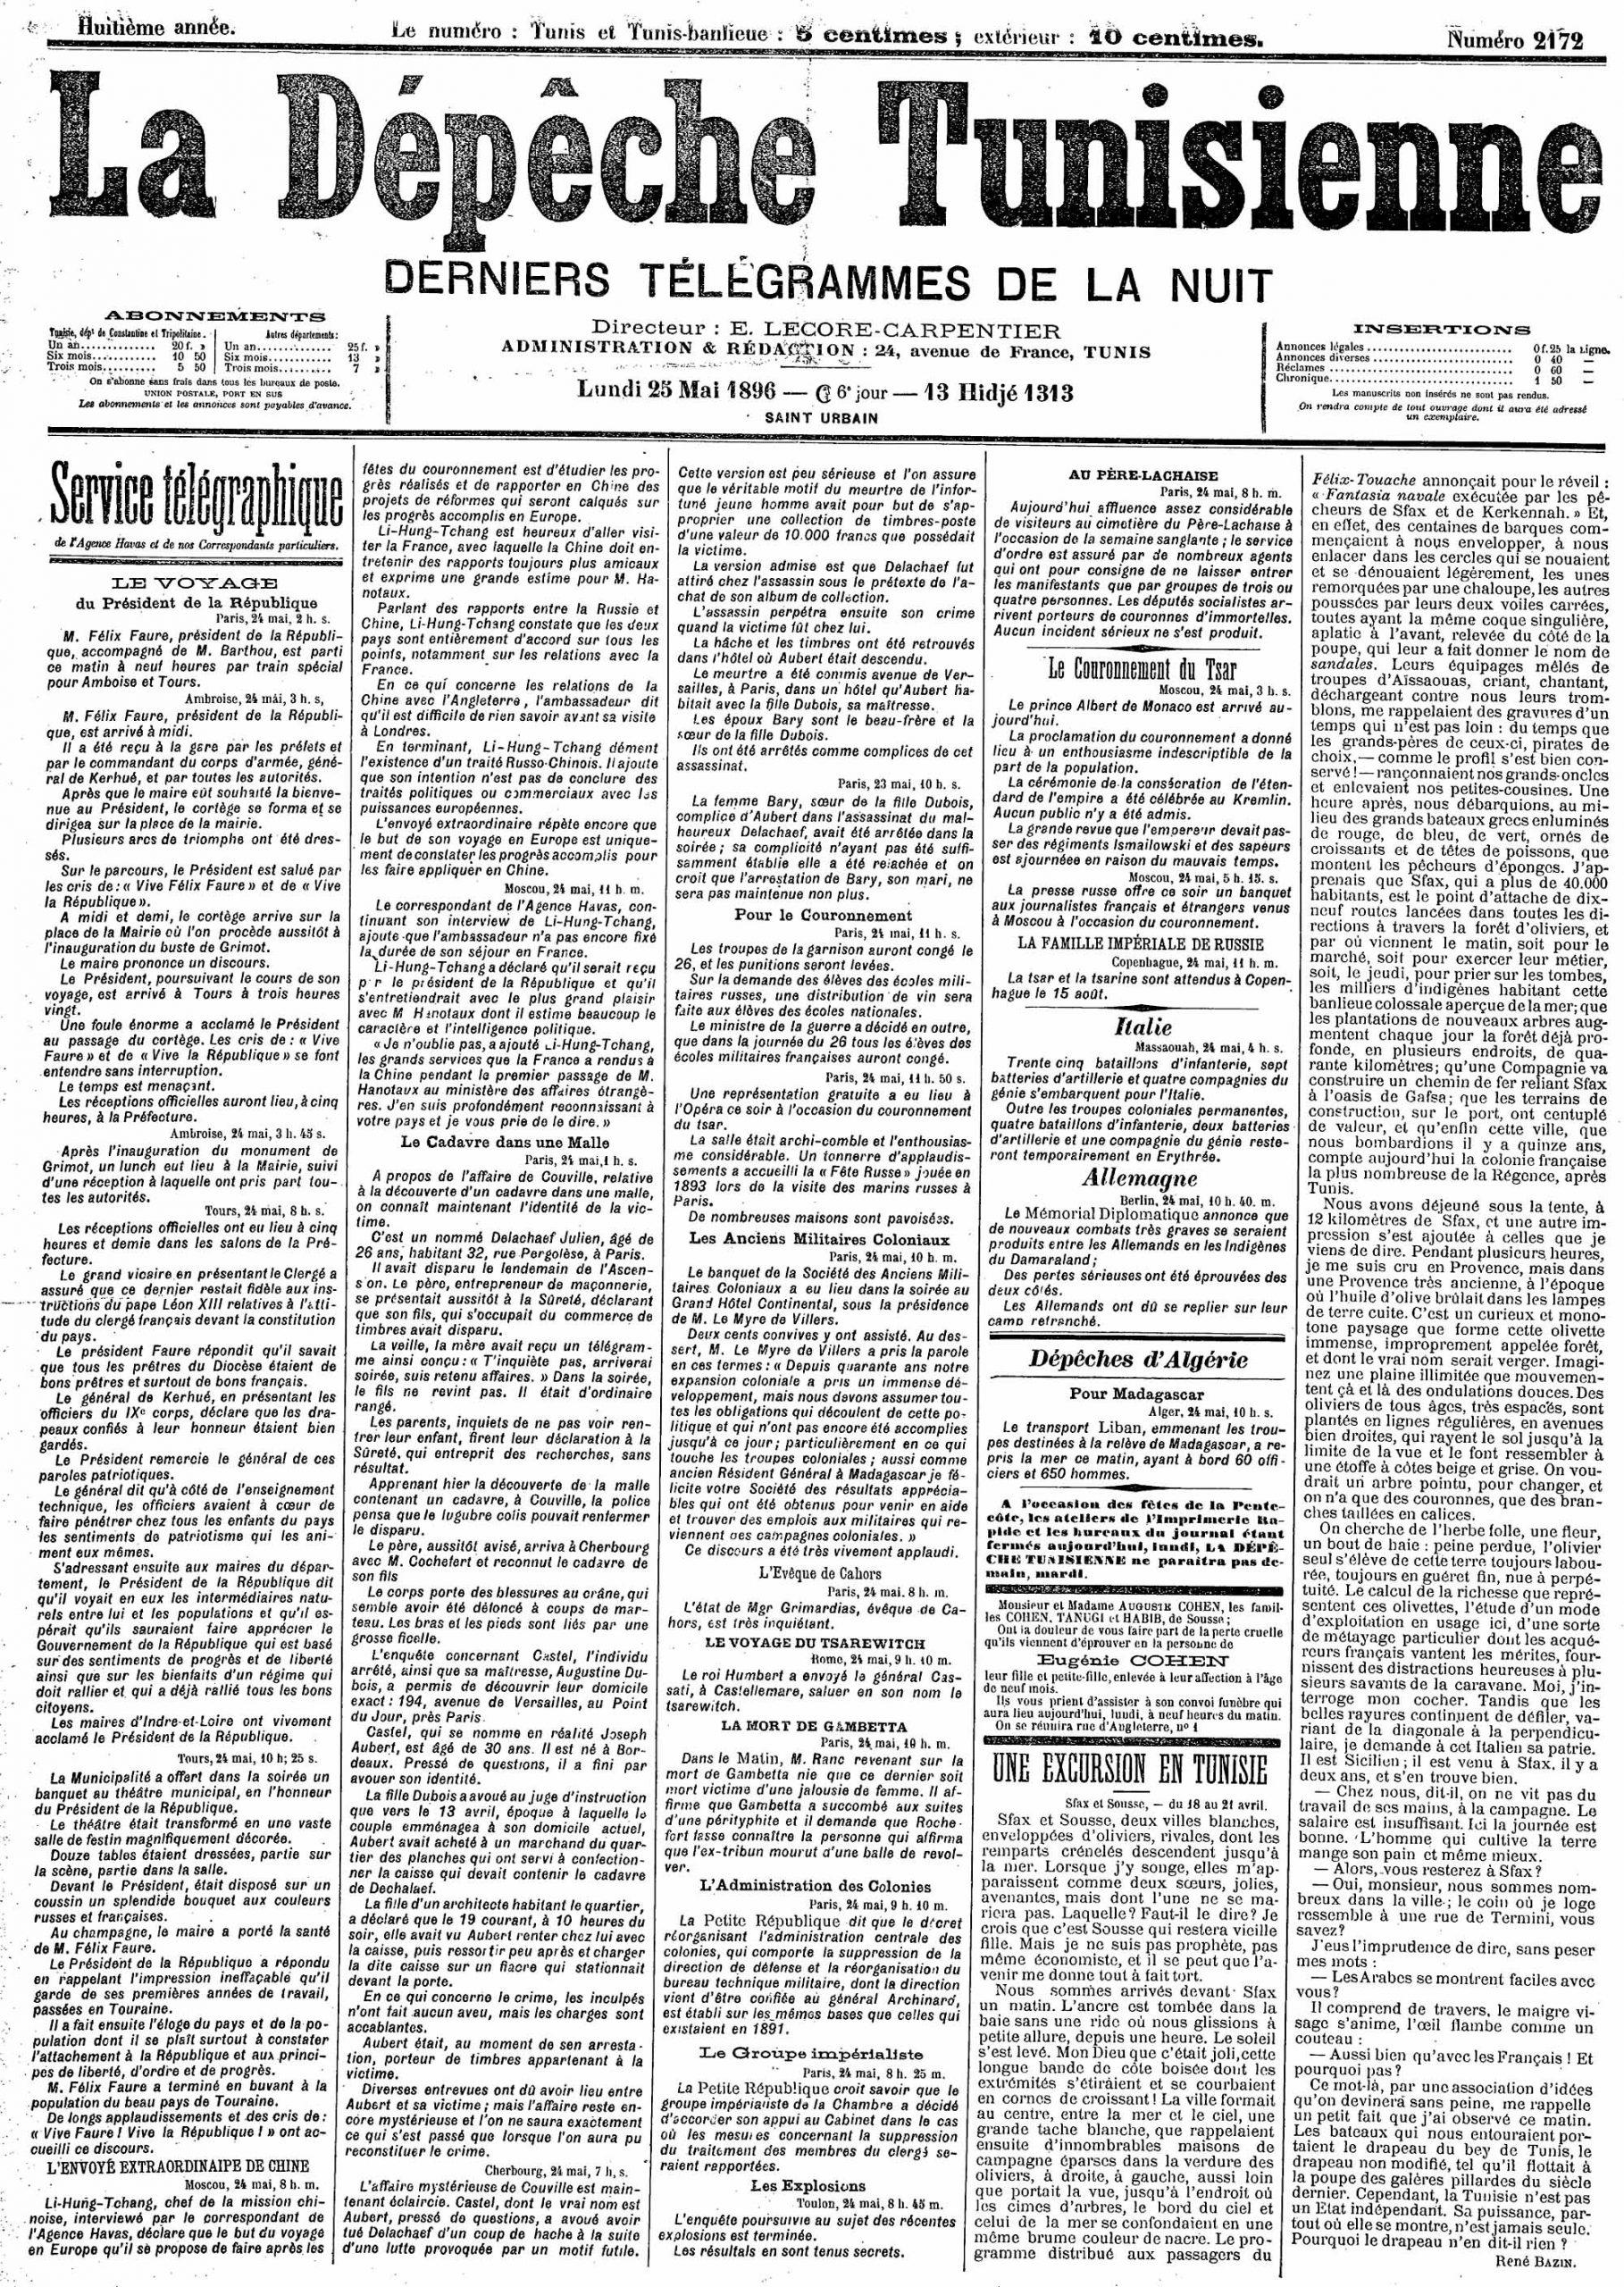 File:la Dépêche Tunisienne - 25.05.1896 - Numéro 2172 à Numéro Des Départements